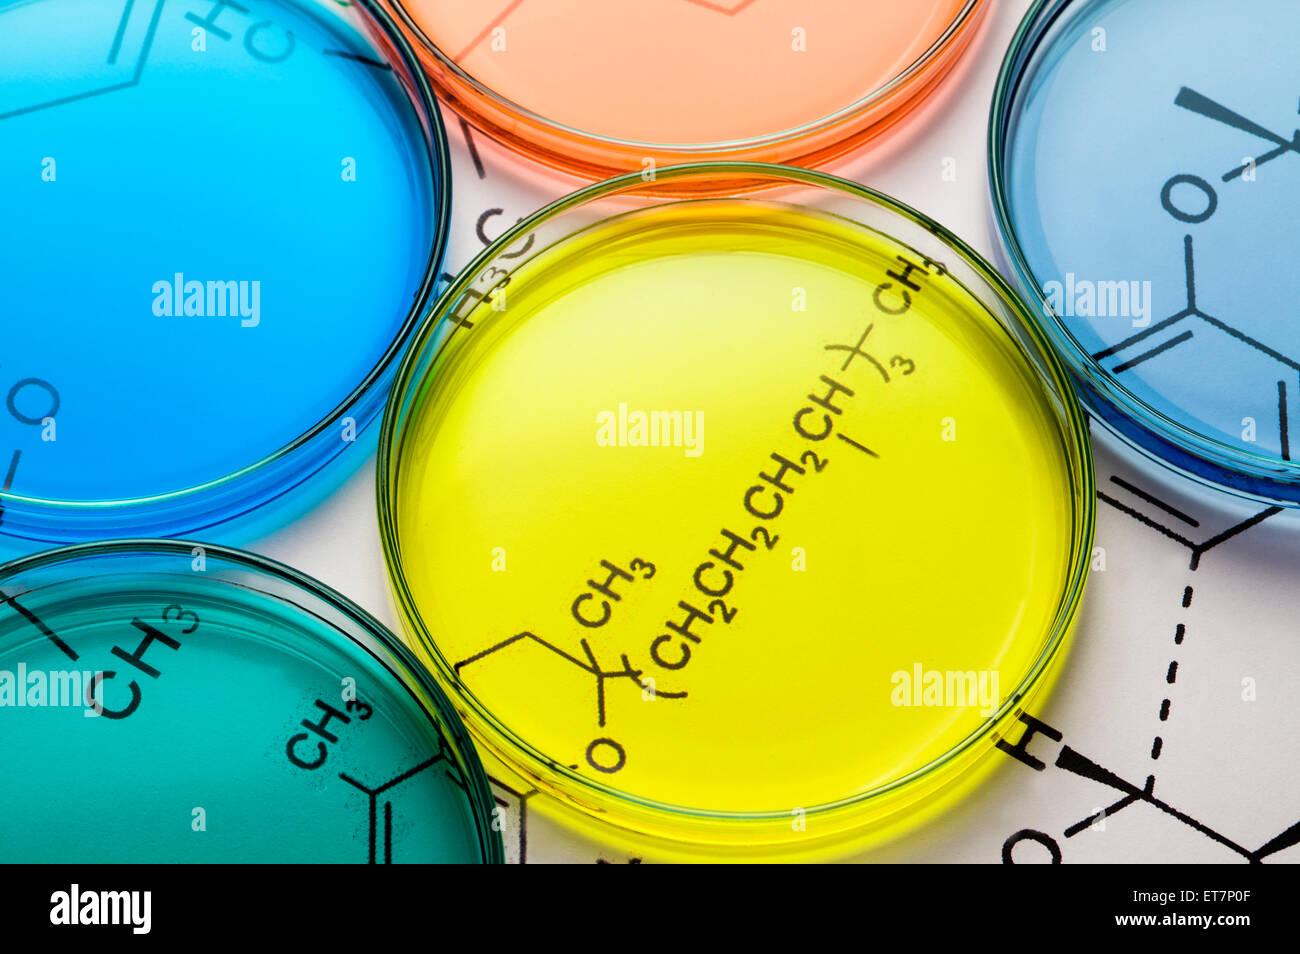 Sanidad y Medicina, cristalería, cristalería de laboratorio,utensilio,,caja de Petri Imagen De Stock